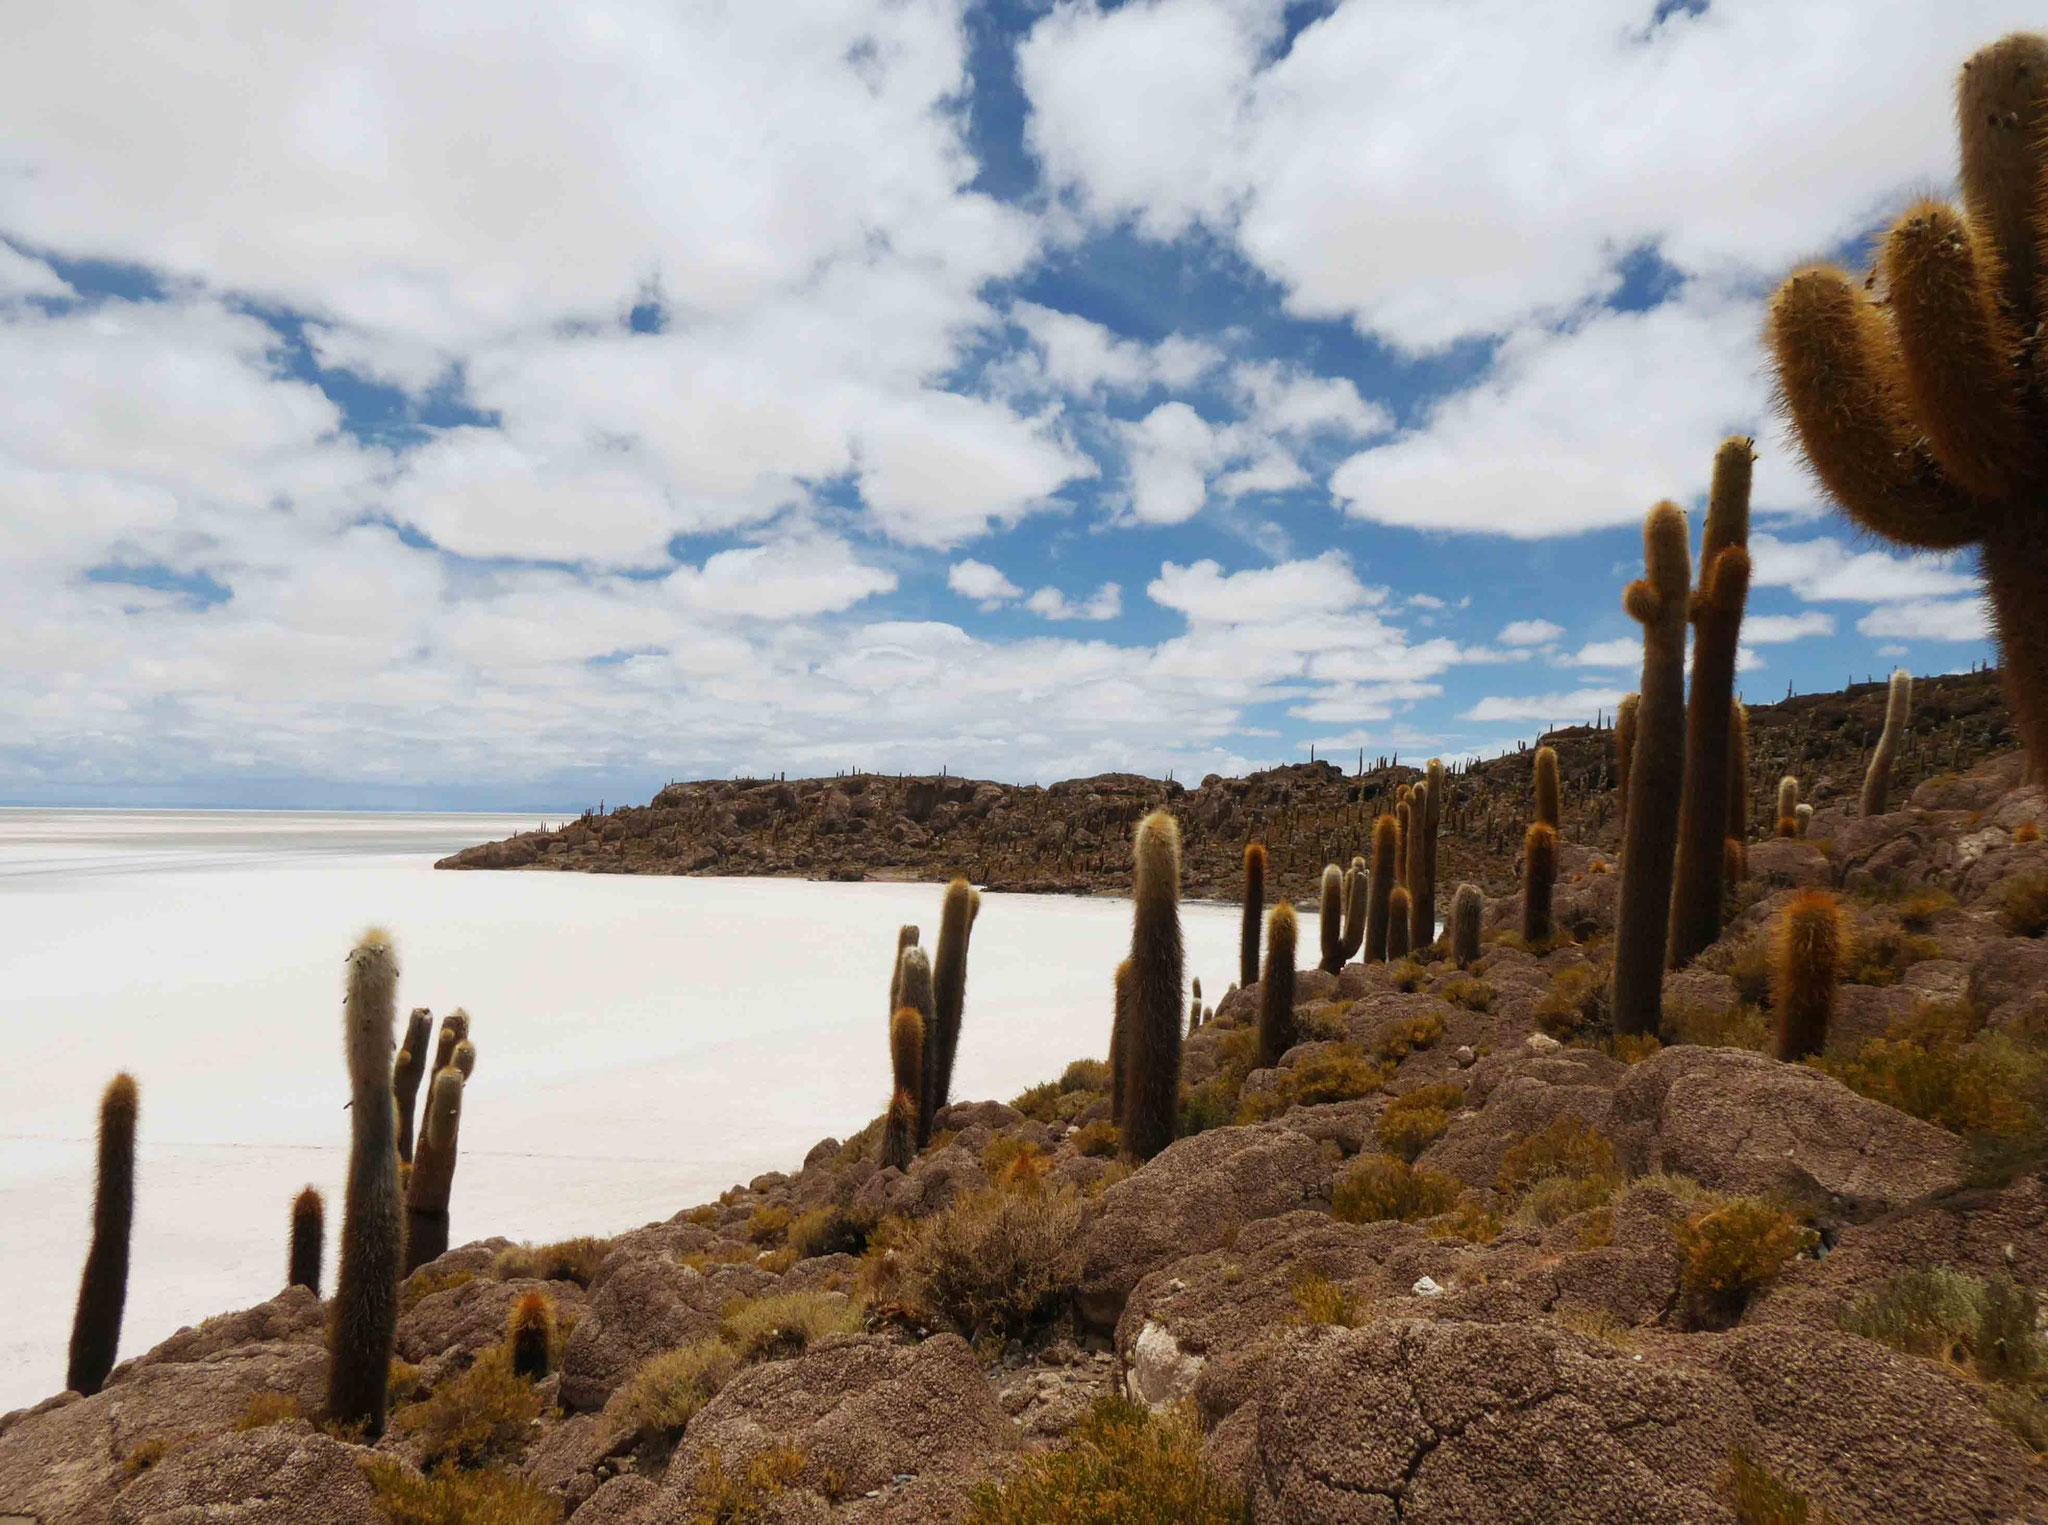 Le salar, les cactus... sur l'île Incahuasi (la maison de l'Inca)